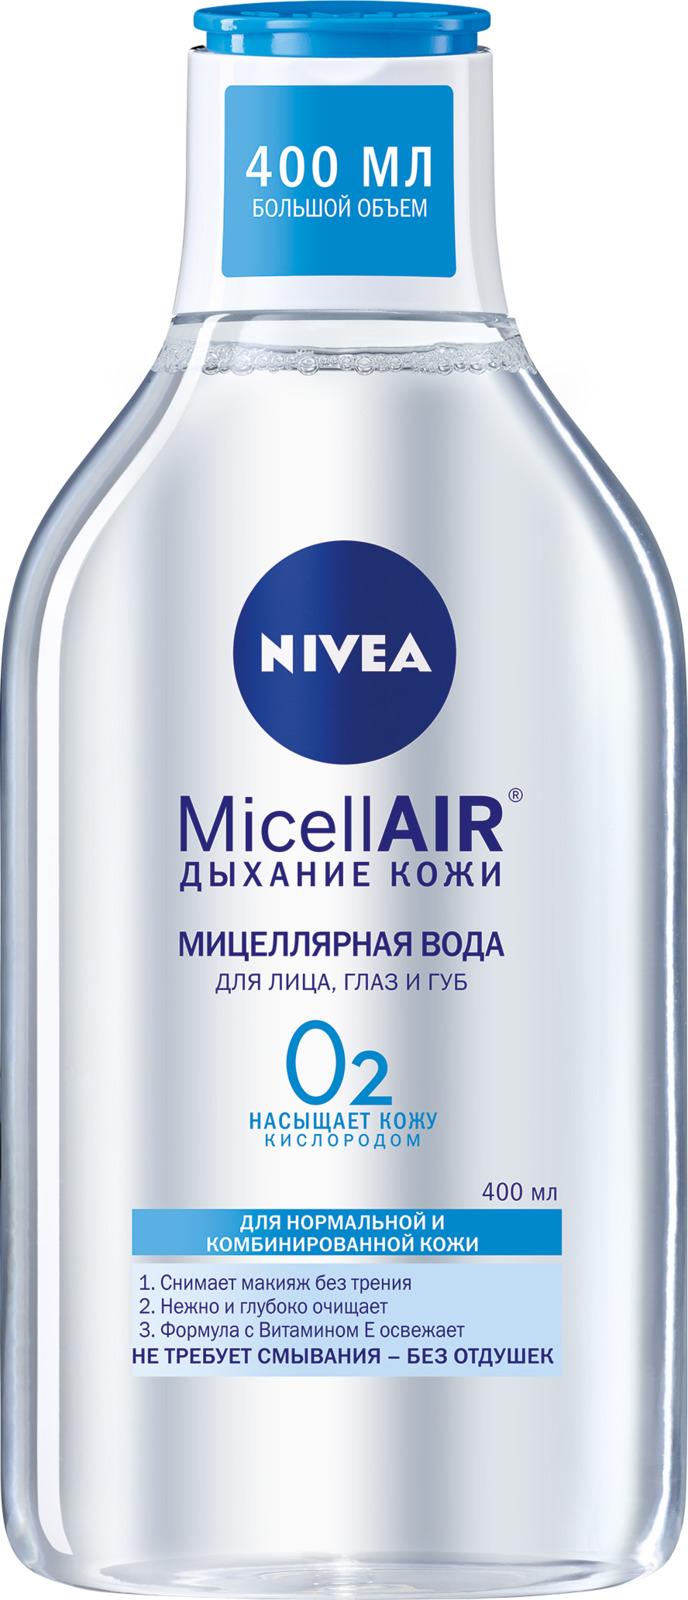 Освежающая мицеллярная вода 3 в 1 Nivea, для нормальной и комбинированной кожи, 400 мл роже гале вода ароматическая освежающая имбирь 100мл